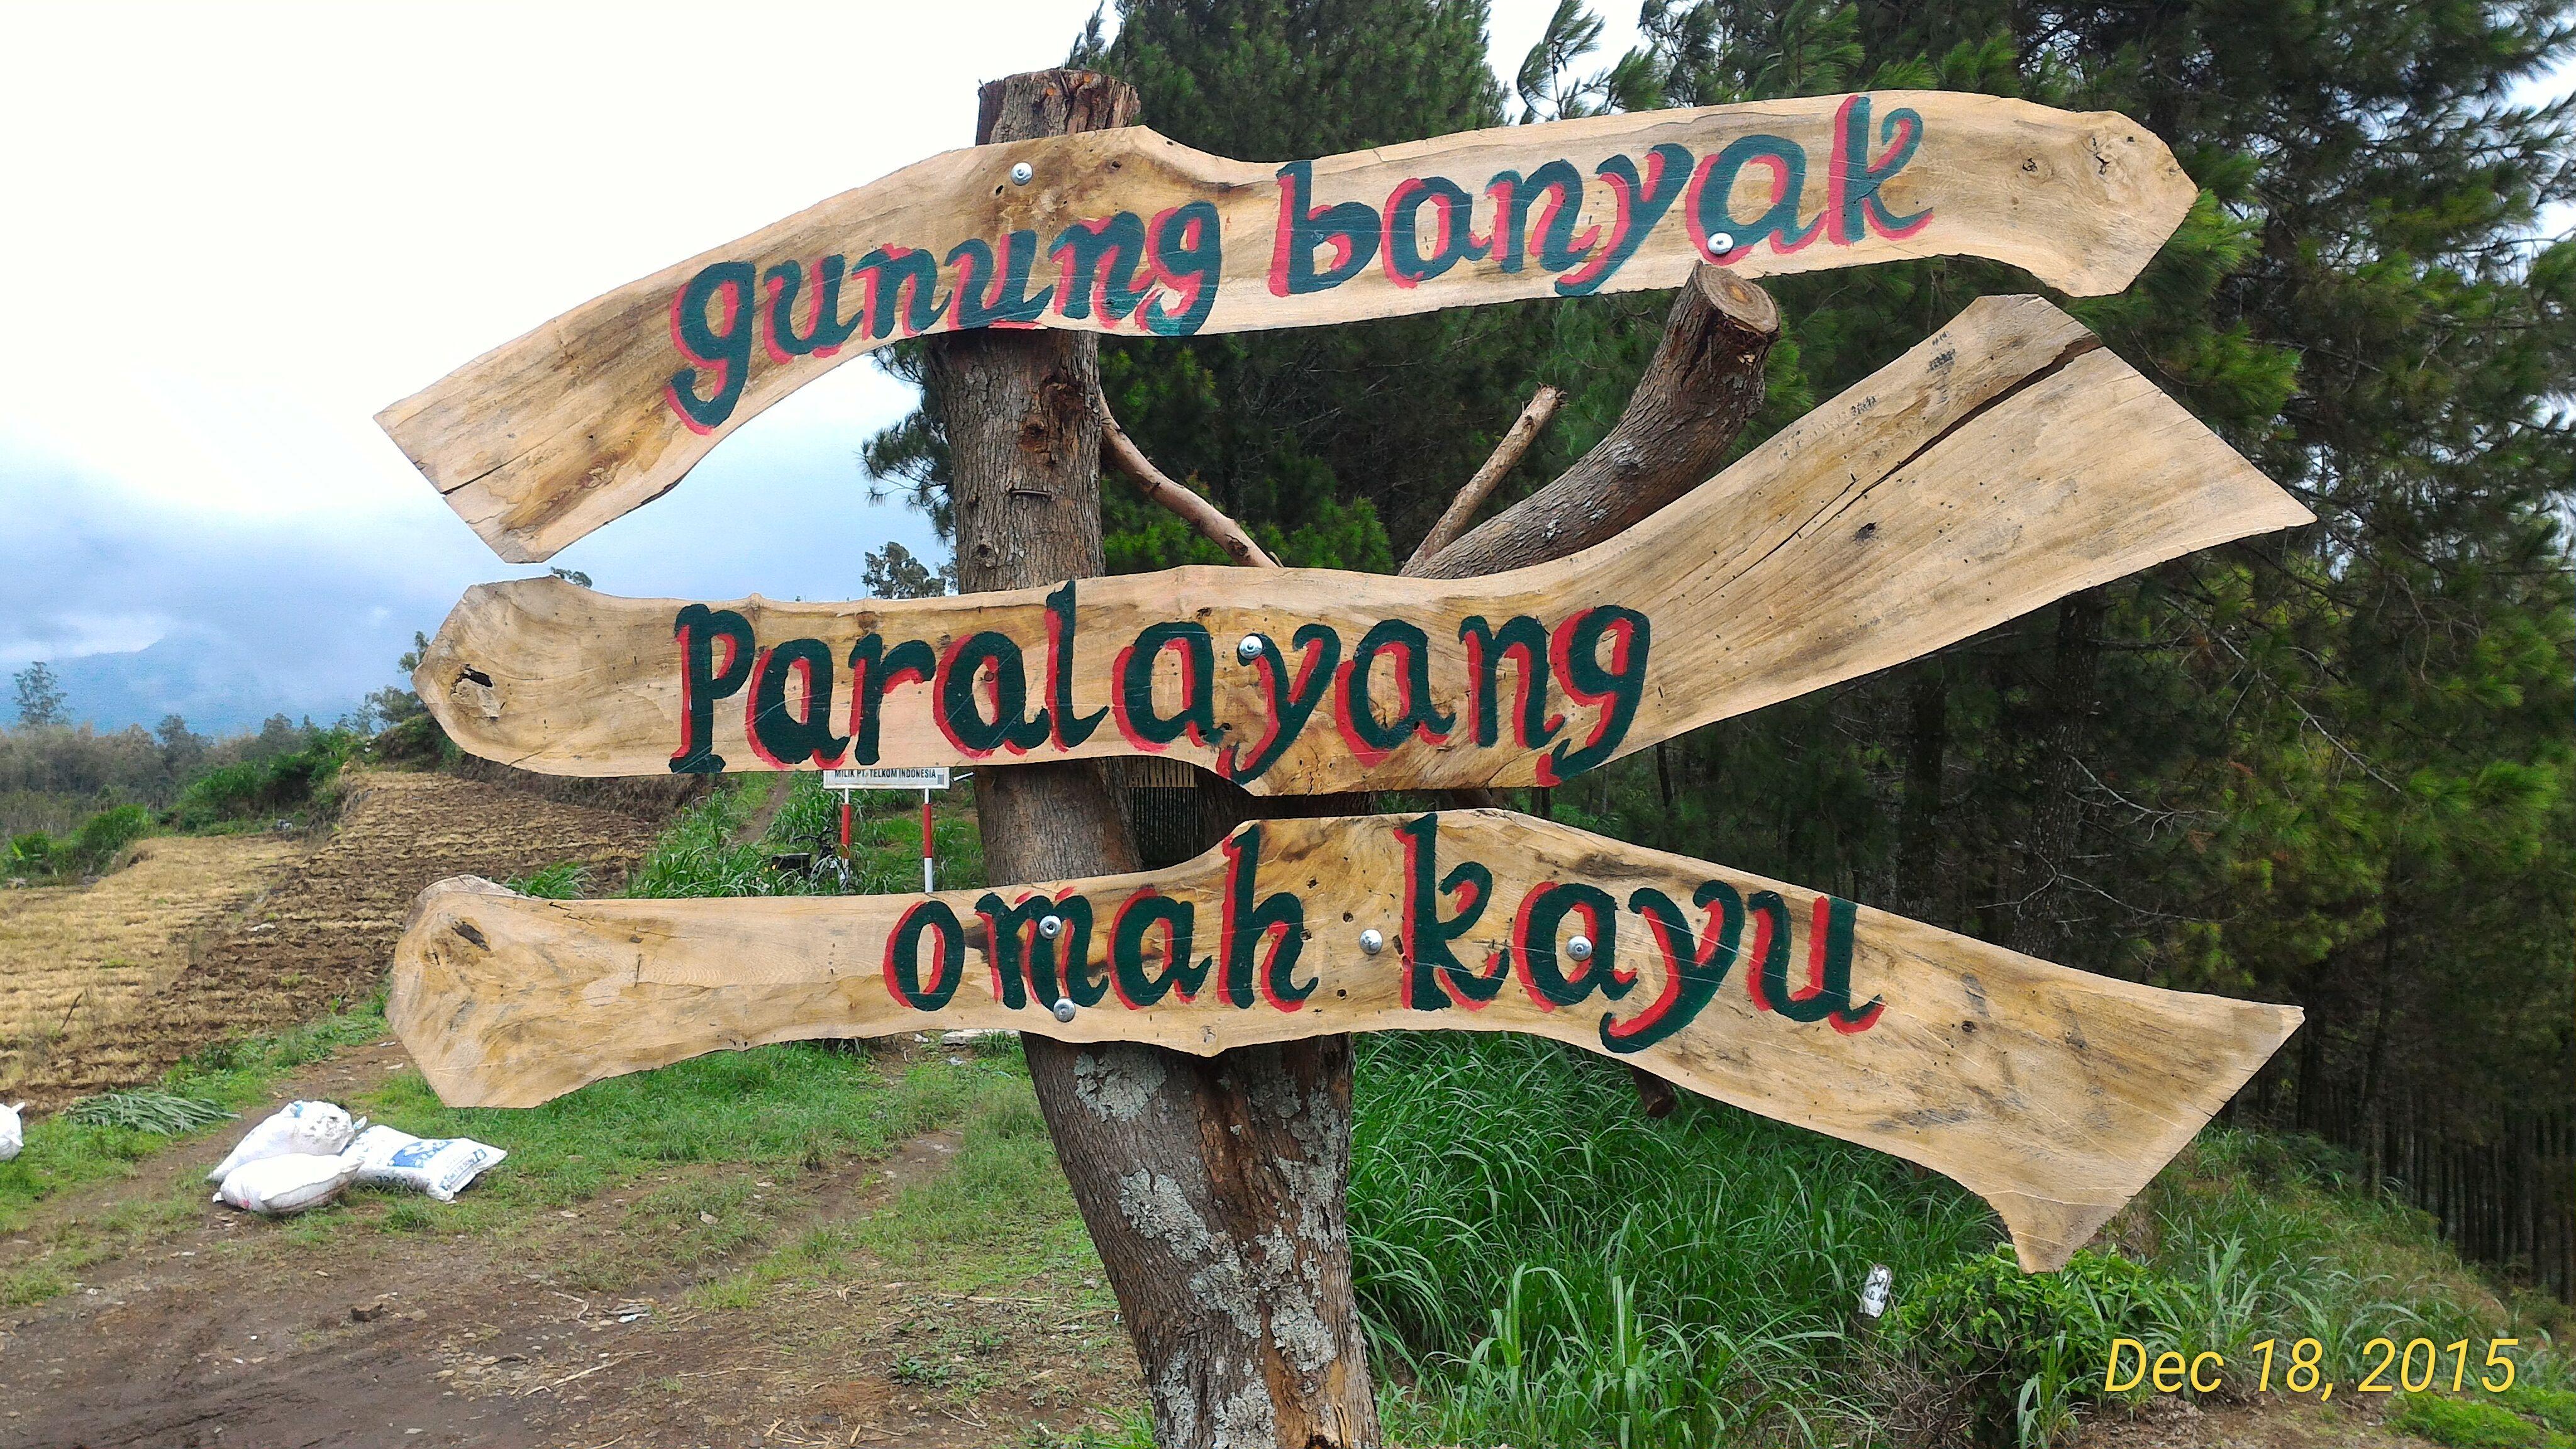 Omah Kayu Atas Pohon Evazahra Plang Paralayang Gunung Wisata Kota